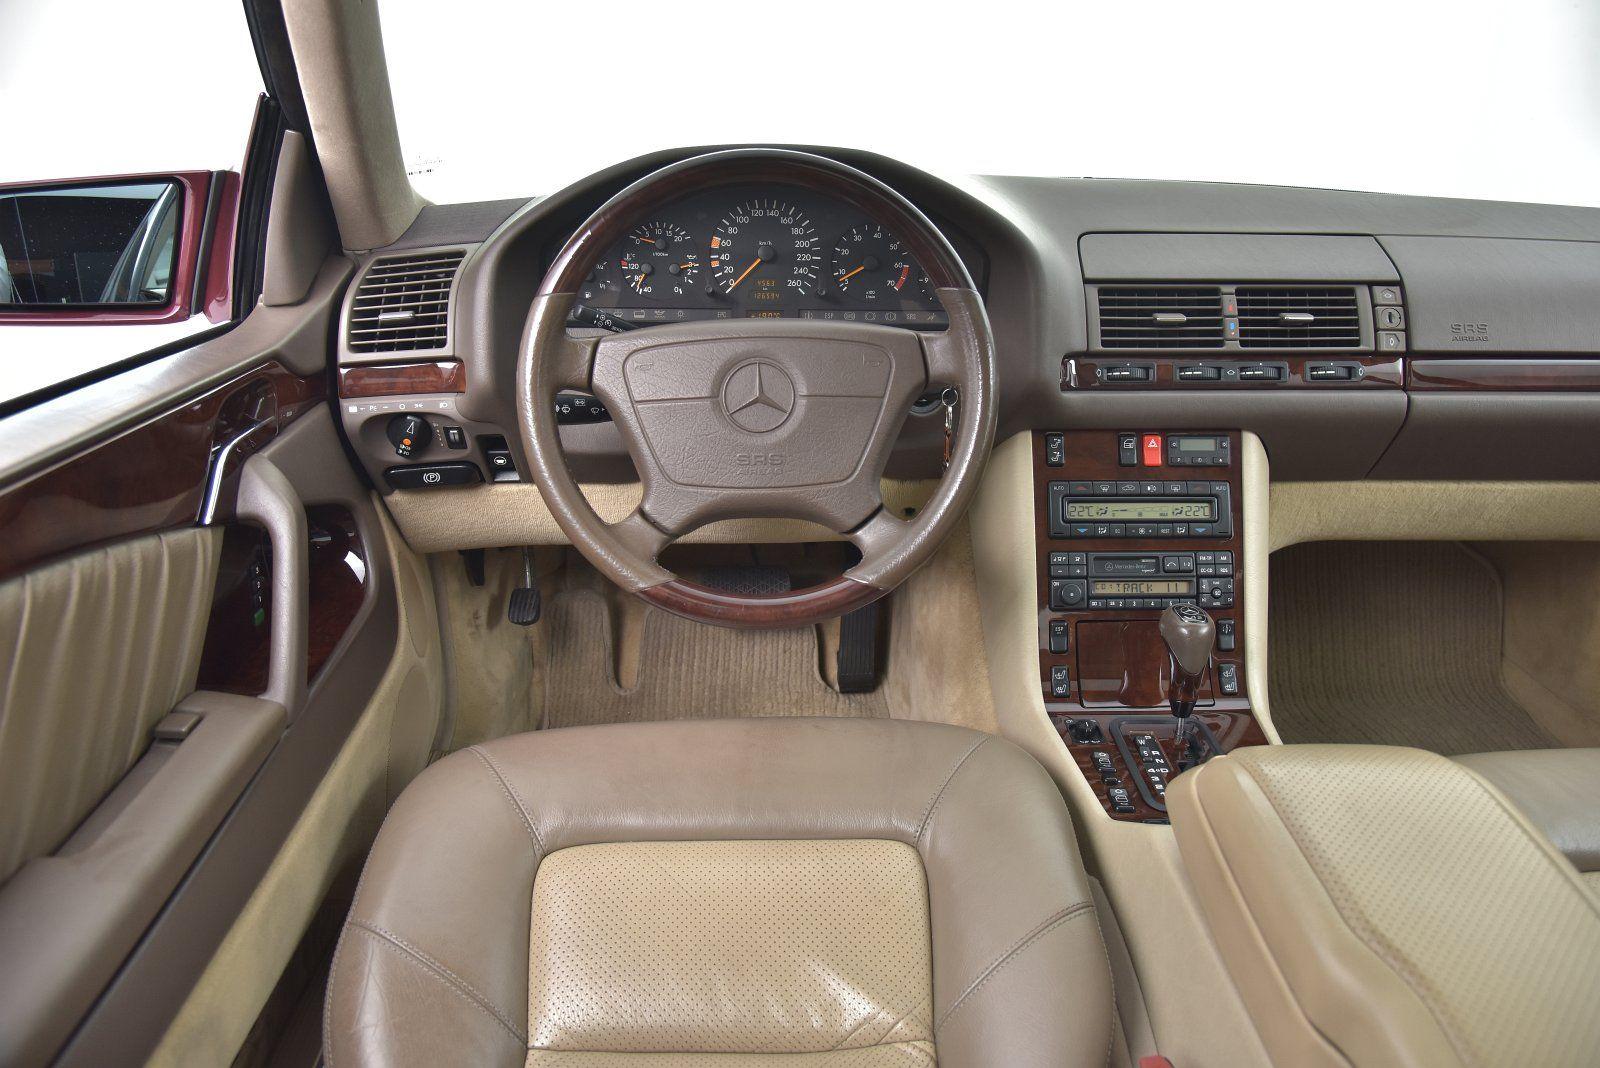 Mercedes C140